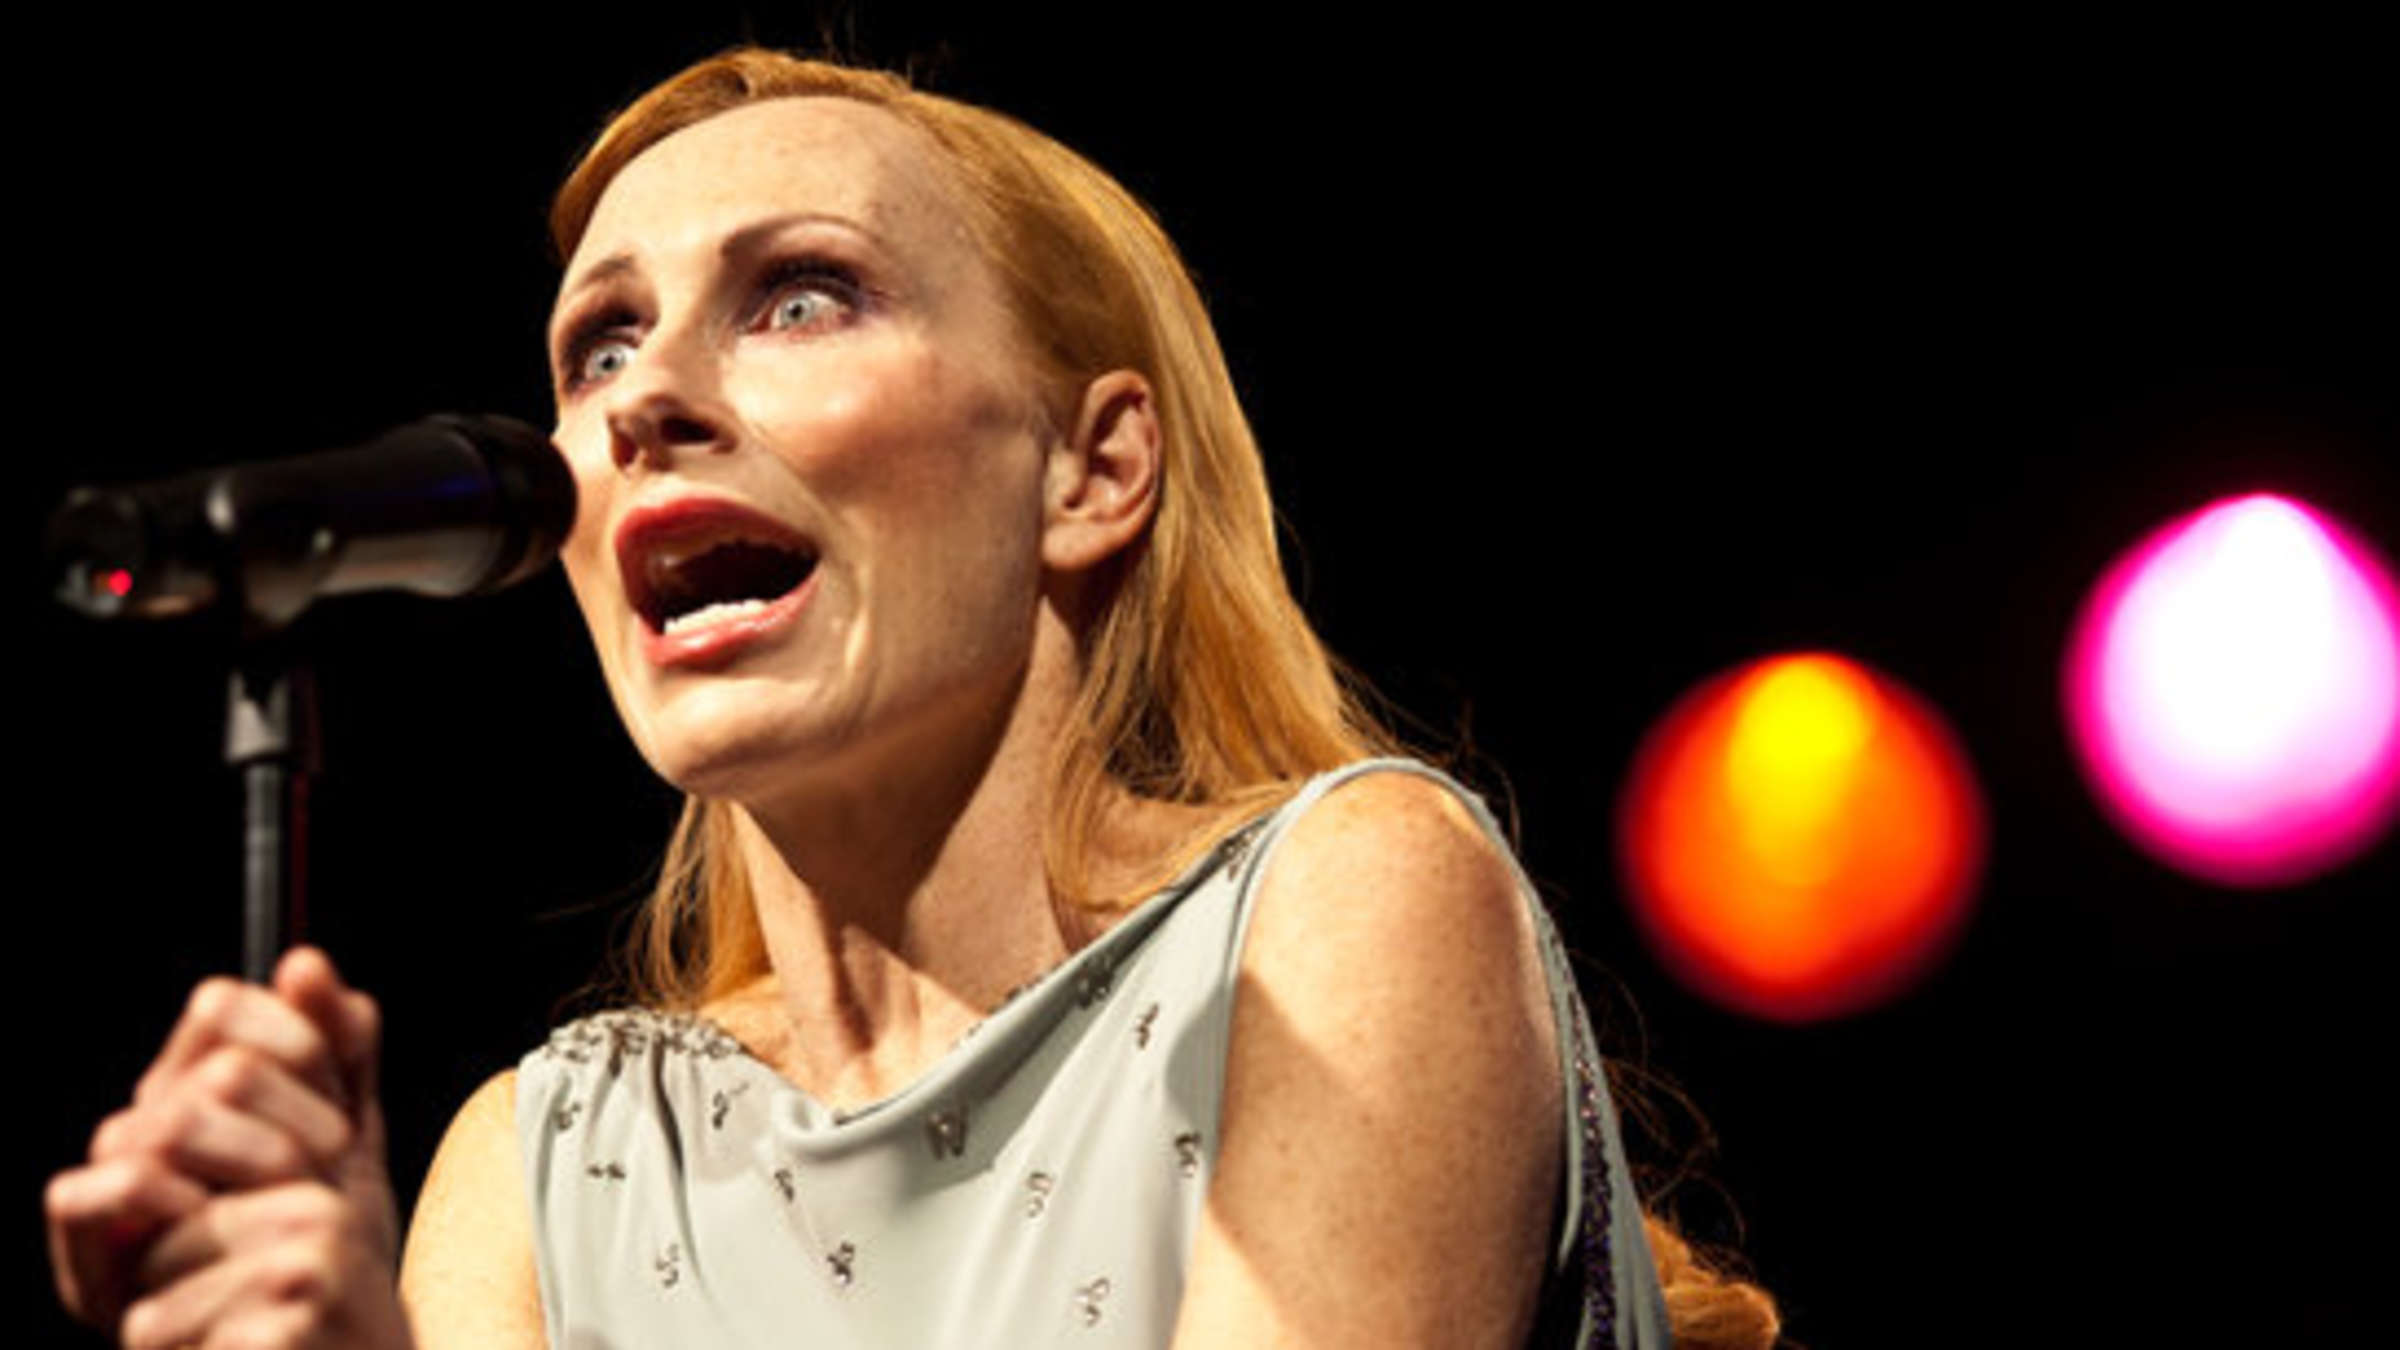 Andrea Sawatzki Sexy schauspielerin sawatzki gab gesangskarriere wegen